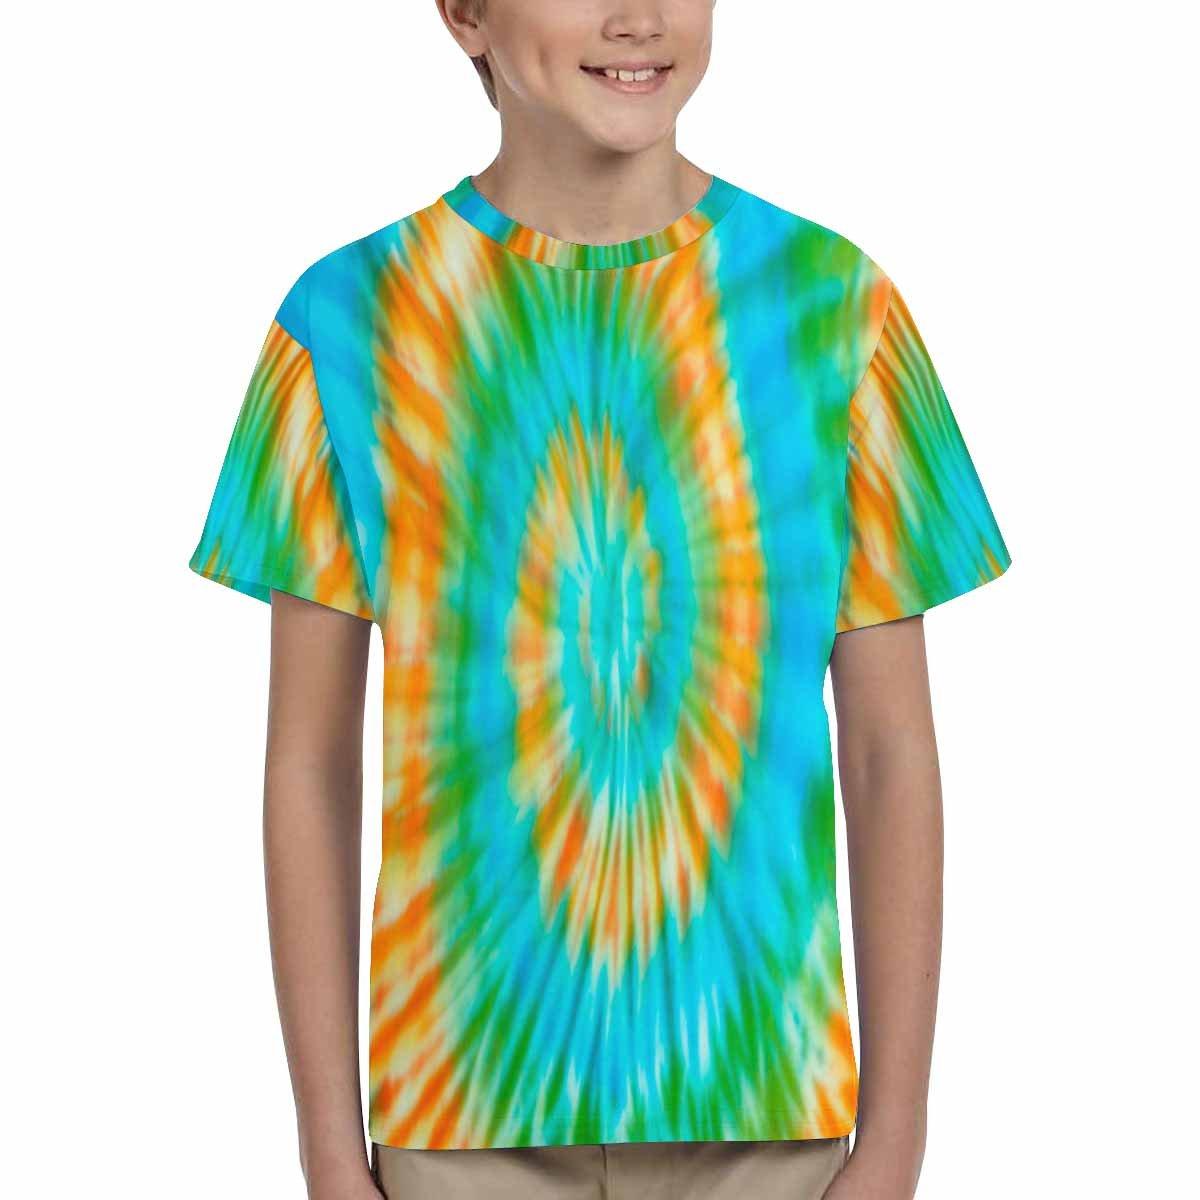 INTERESTPRINT Kids T-Shirt Blur Fabric Tie Dye Bright Colors XS-XL